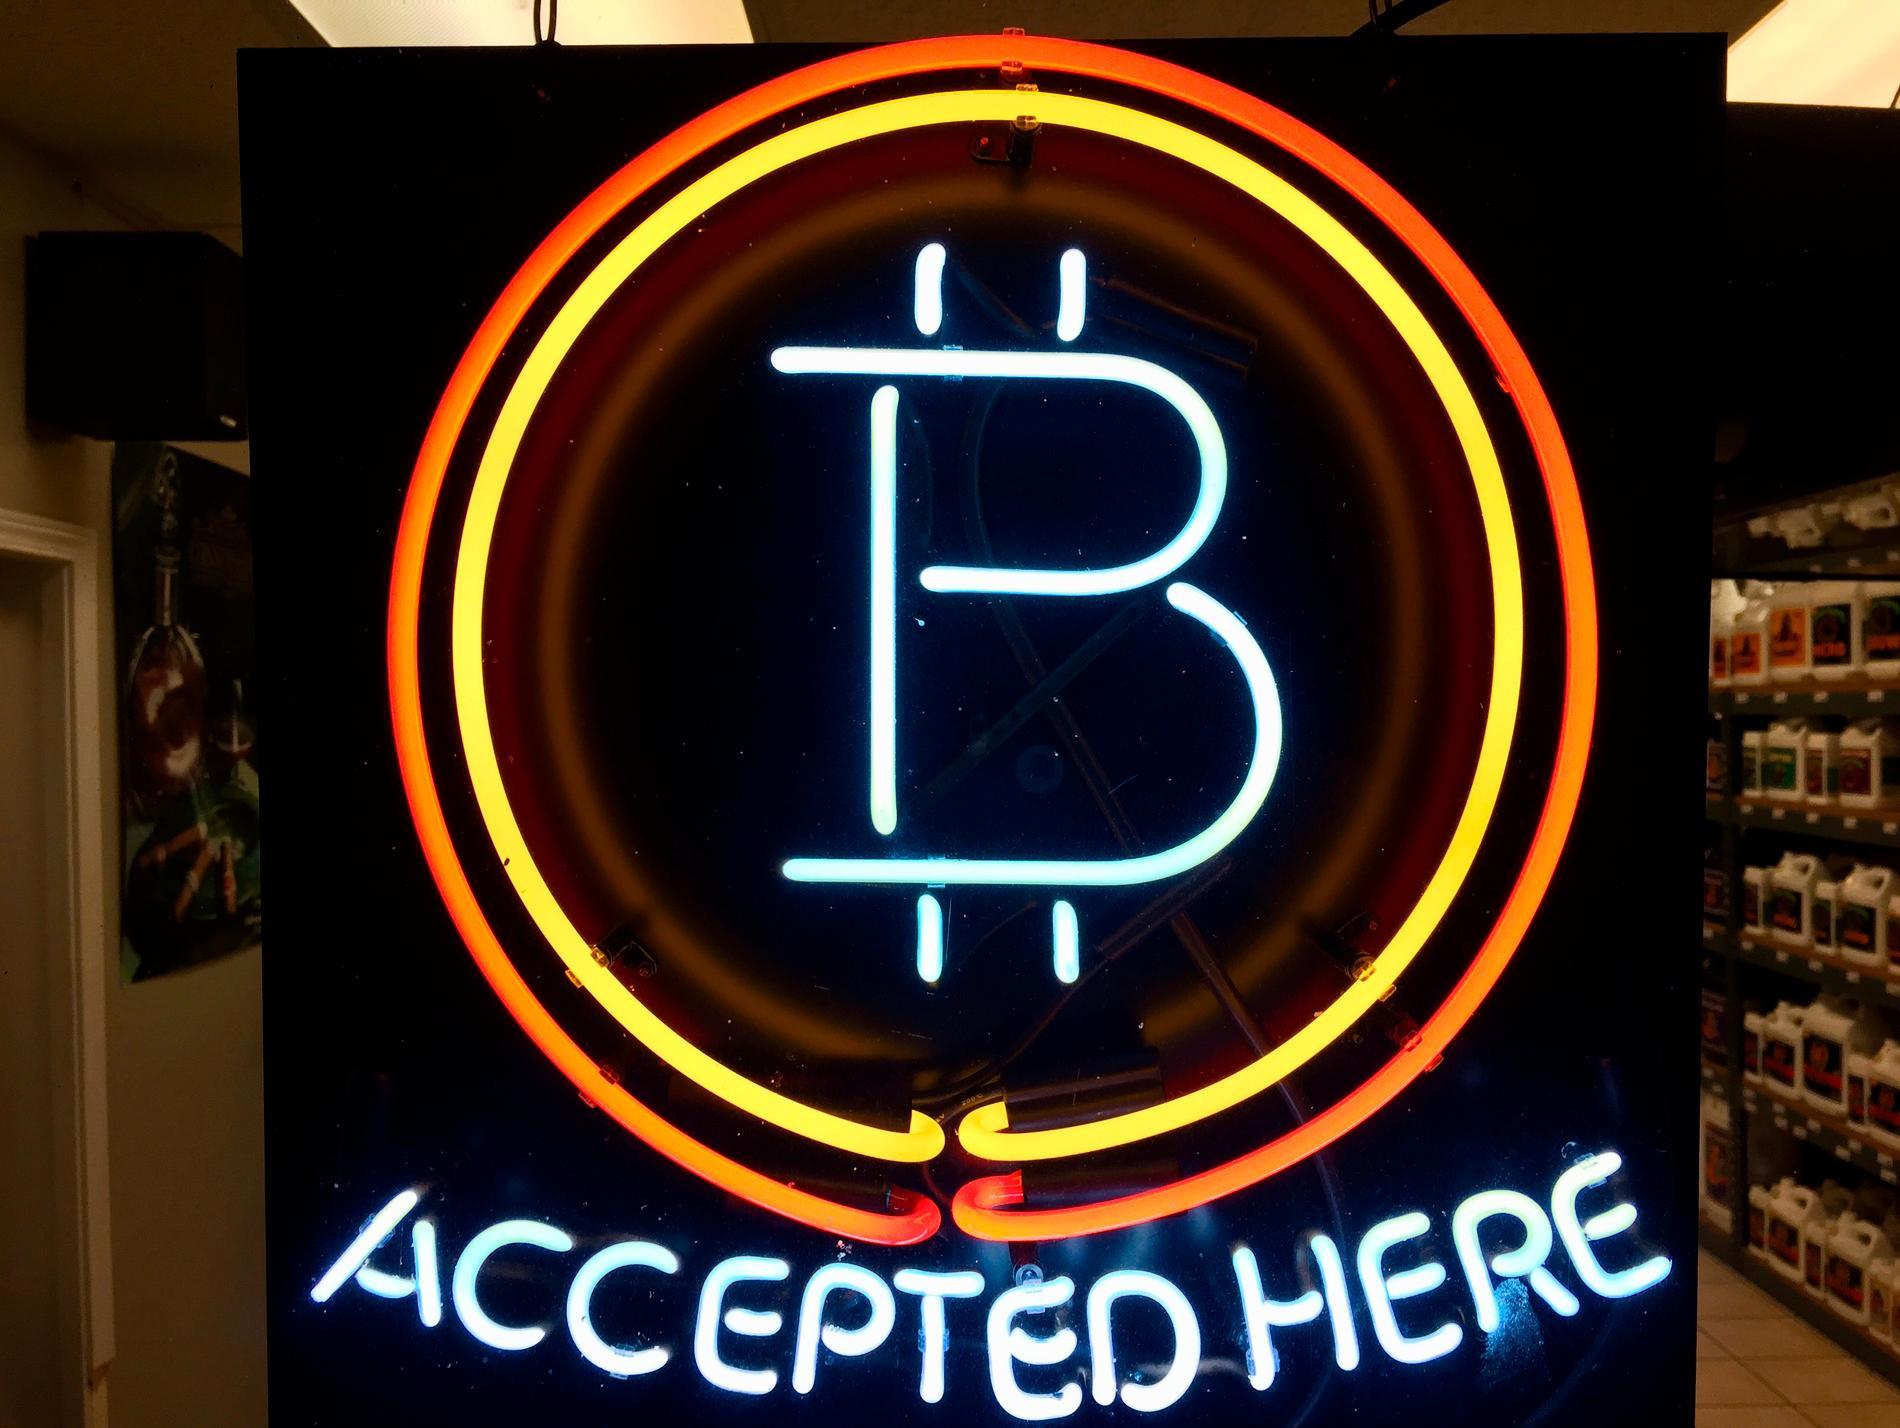 Är kryptovalutor här för att stanna? Eller är det den största bubblan sedan 1600-talets tulpanlökshysteri?